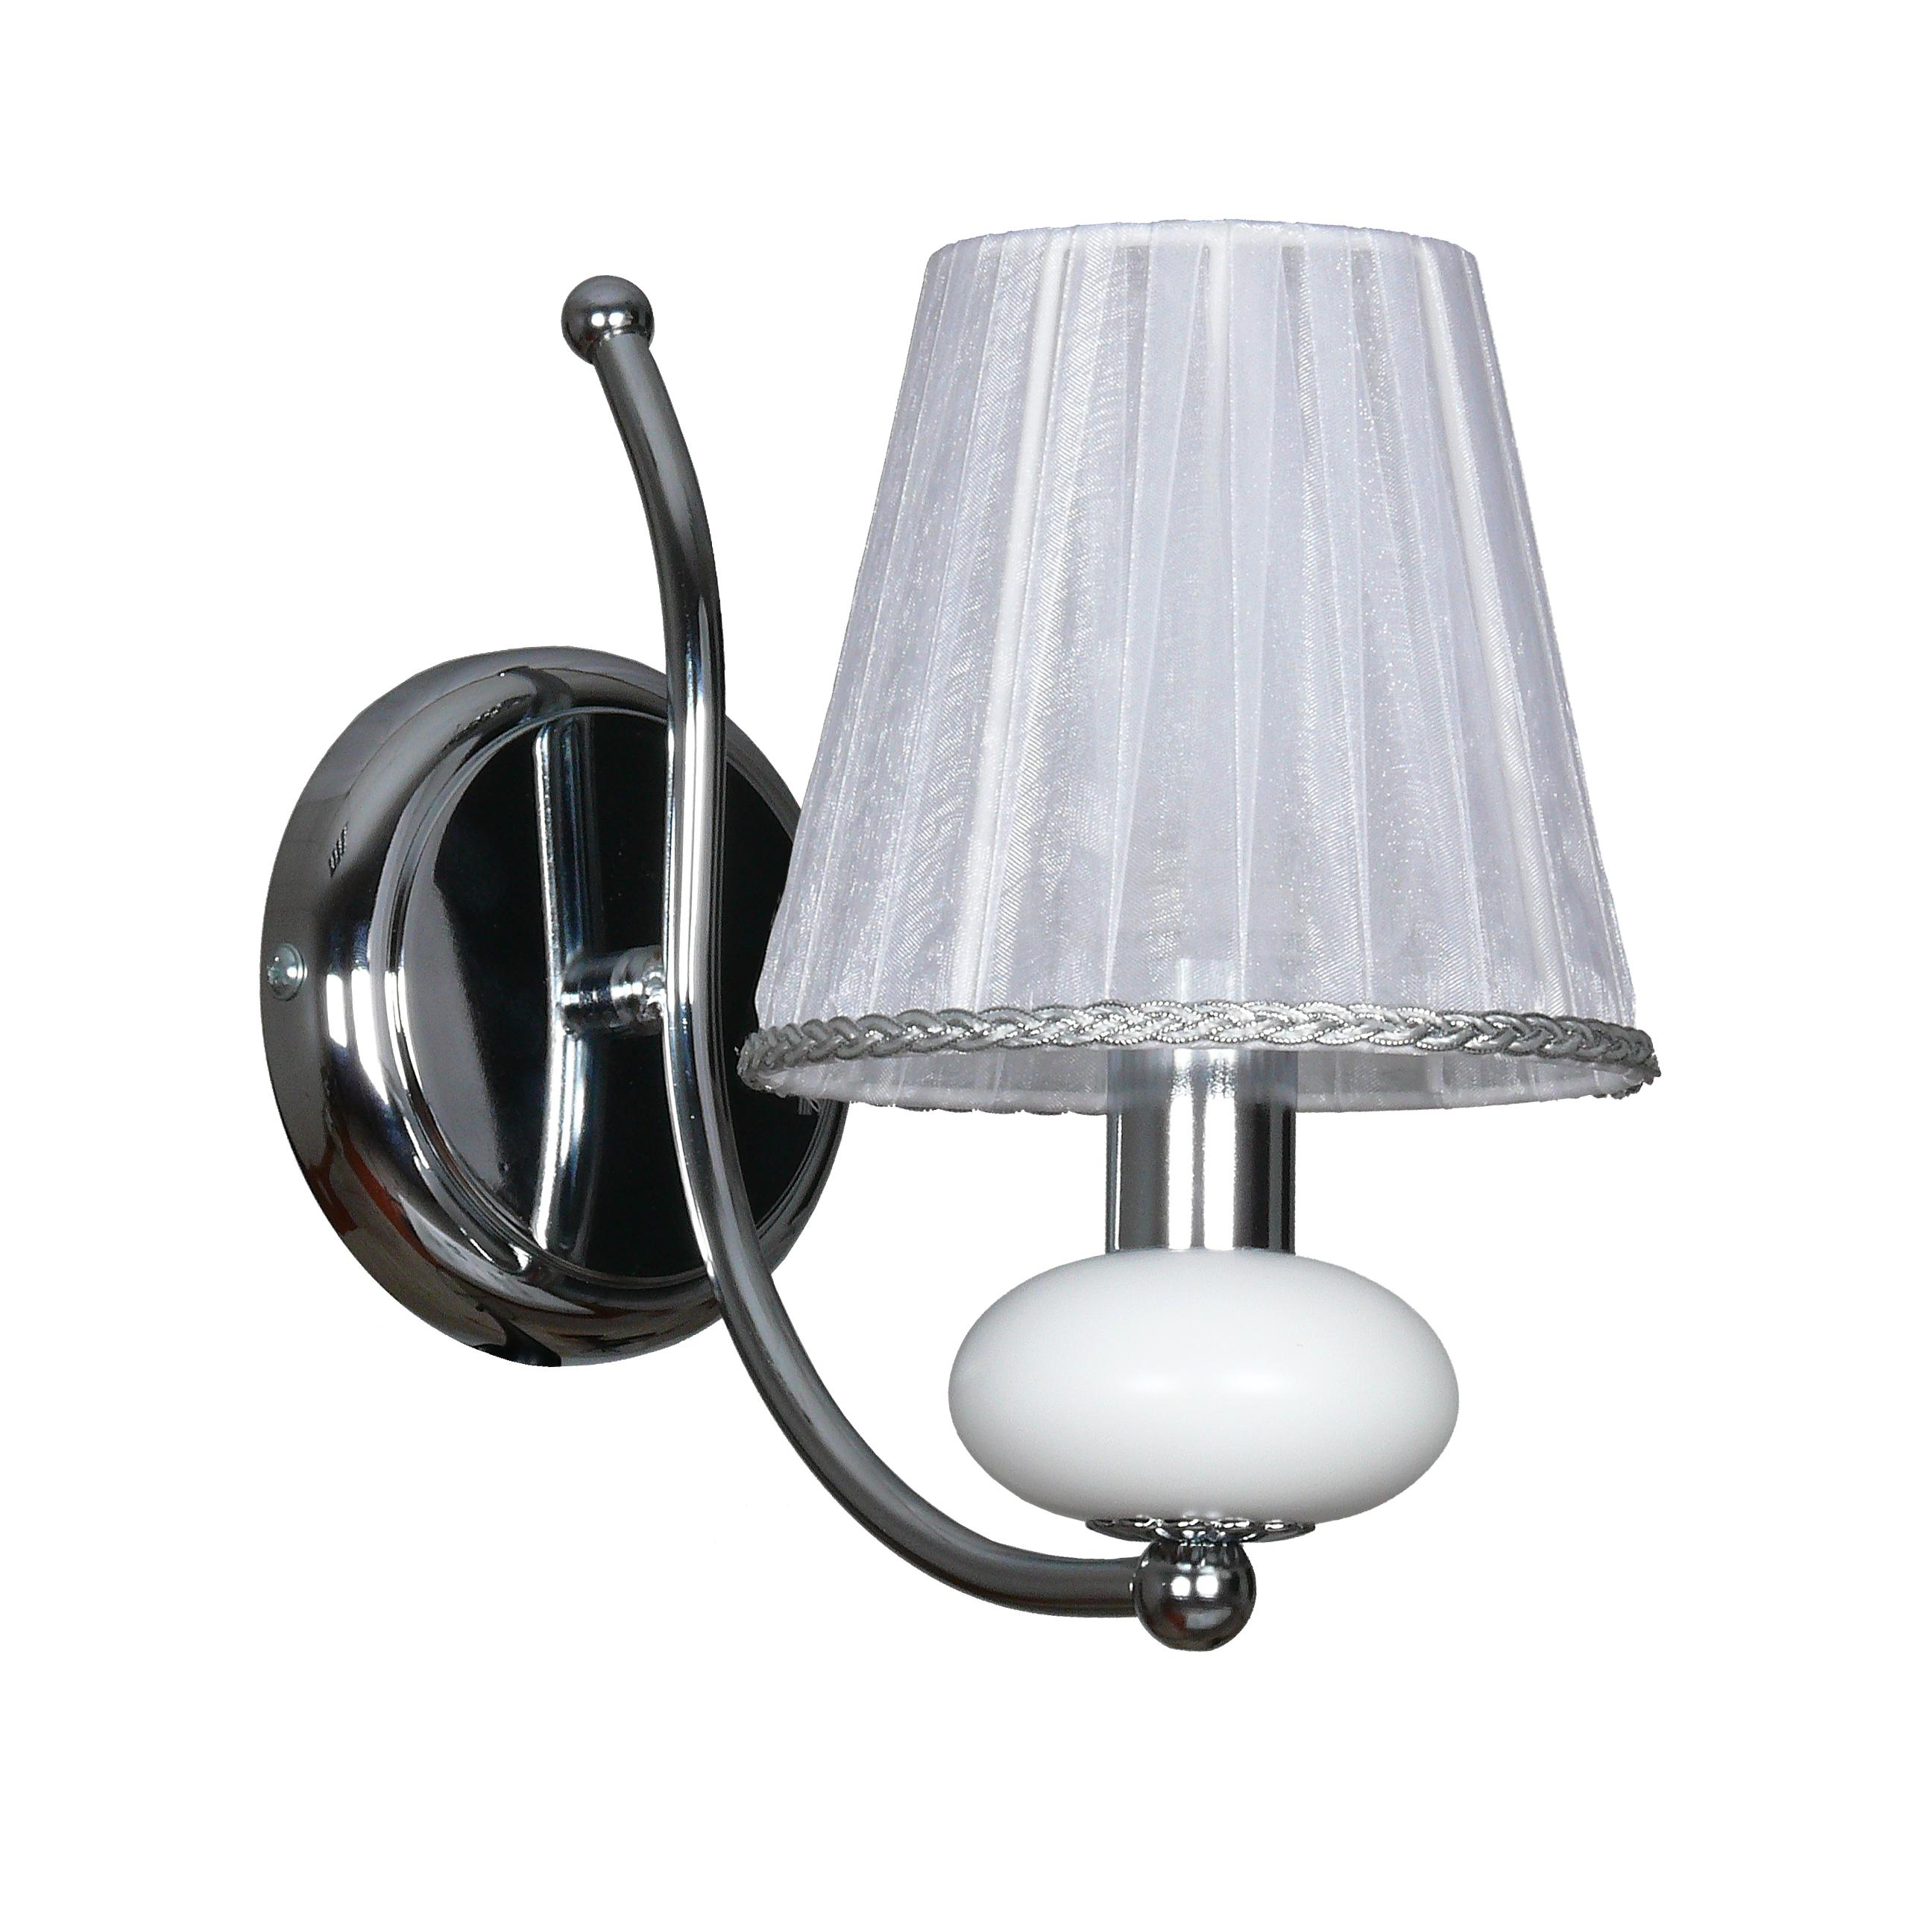 Светильник настенный АВРОРА Киара 10074-1b светильник настенный аврора лагуна 10023 1b